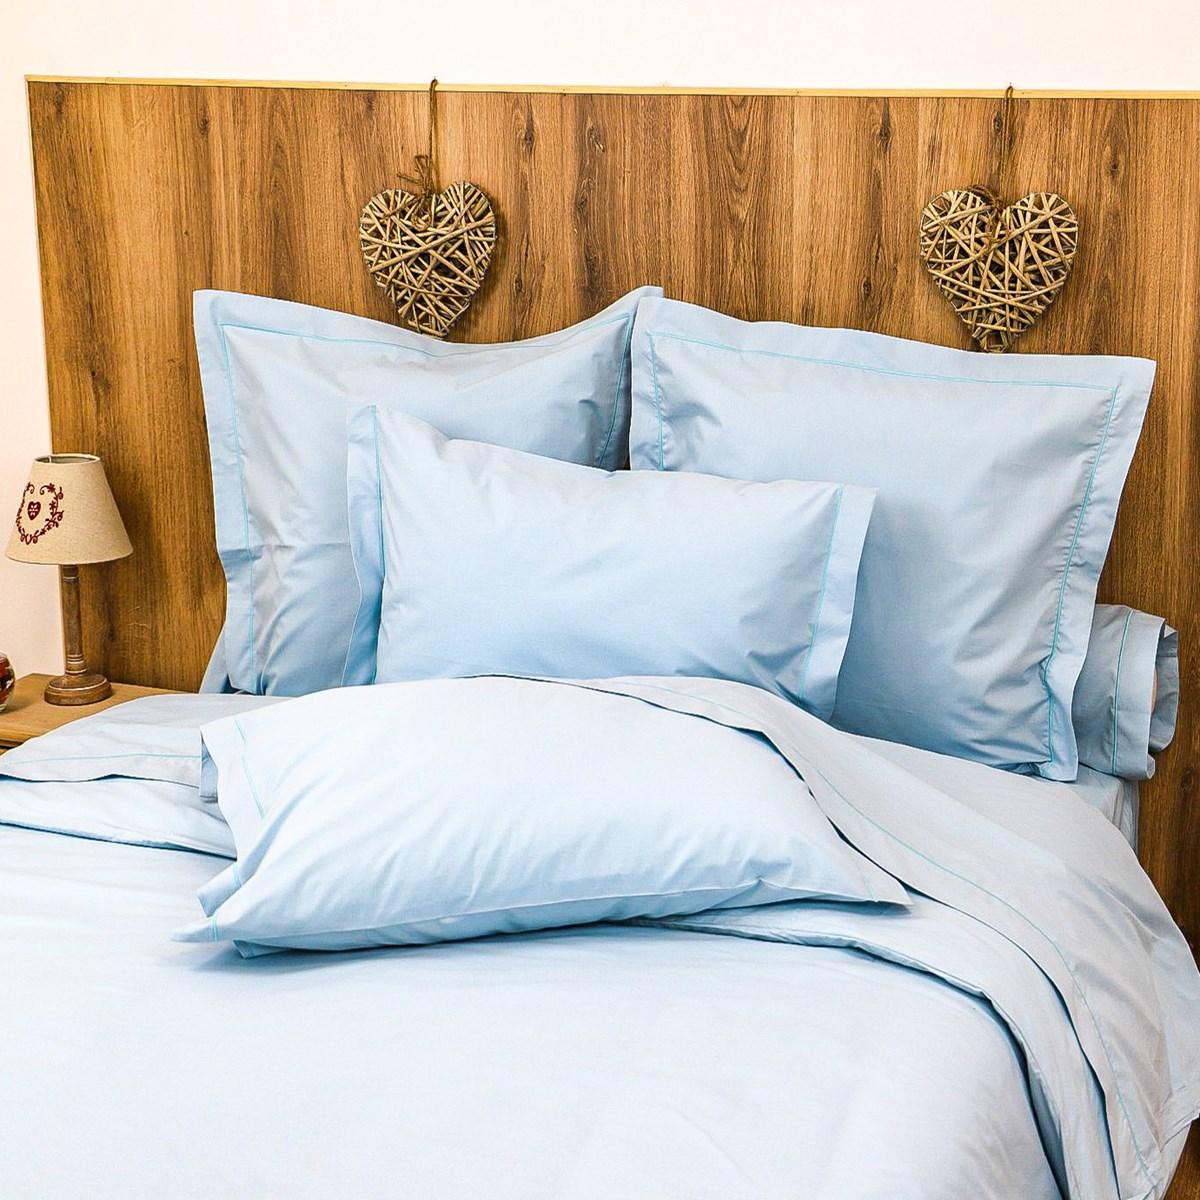 Parure housse de couette percale 200 fils en coton bleu 200x200 cm